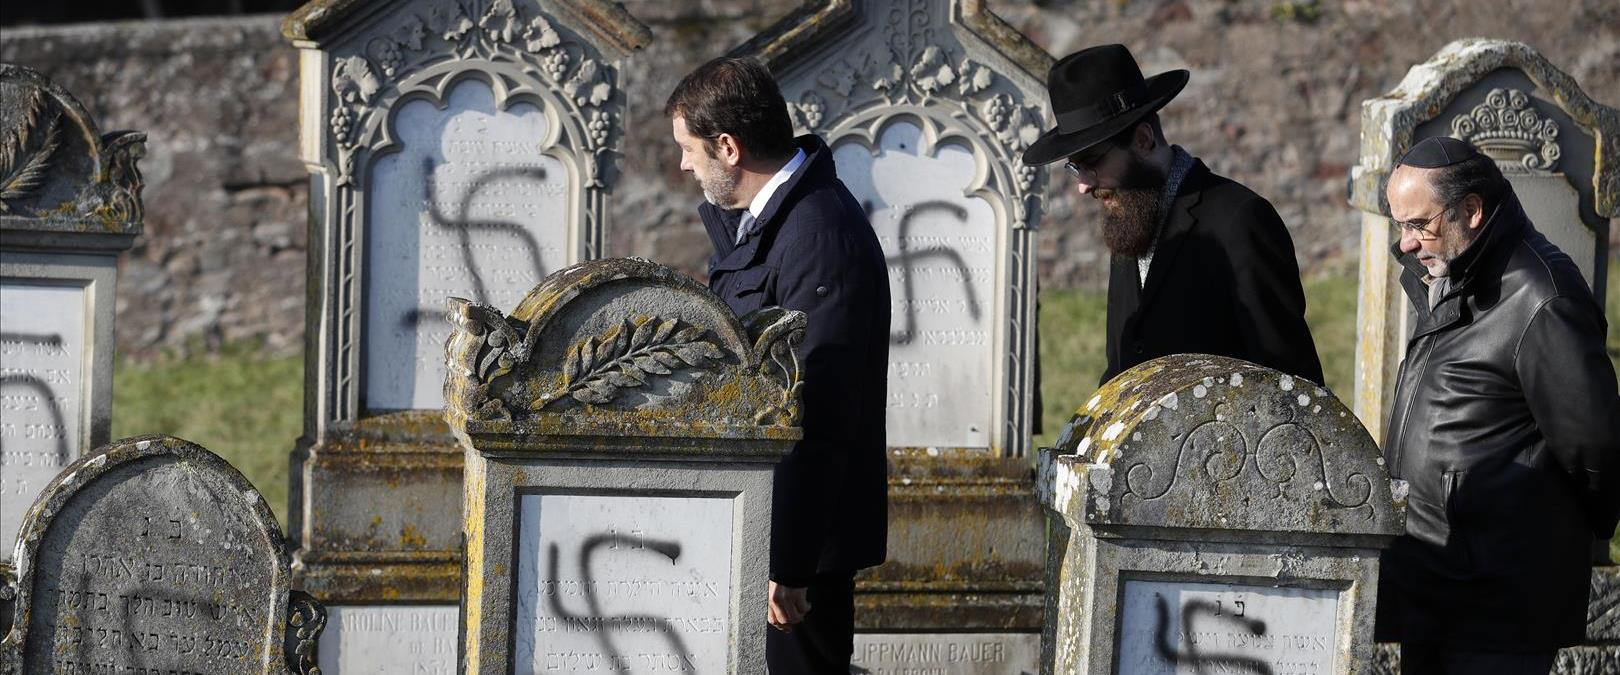 הקברים שהושחתו בצרפת